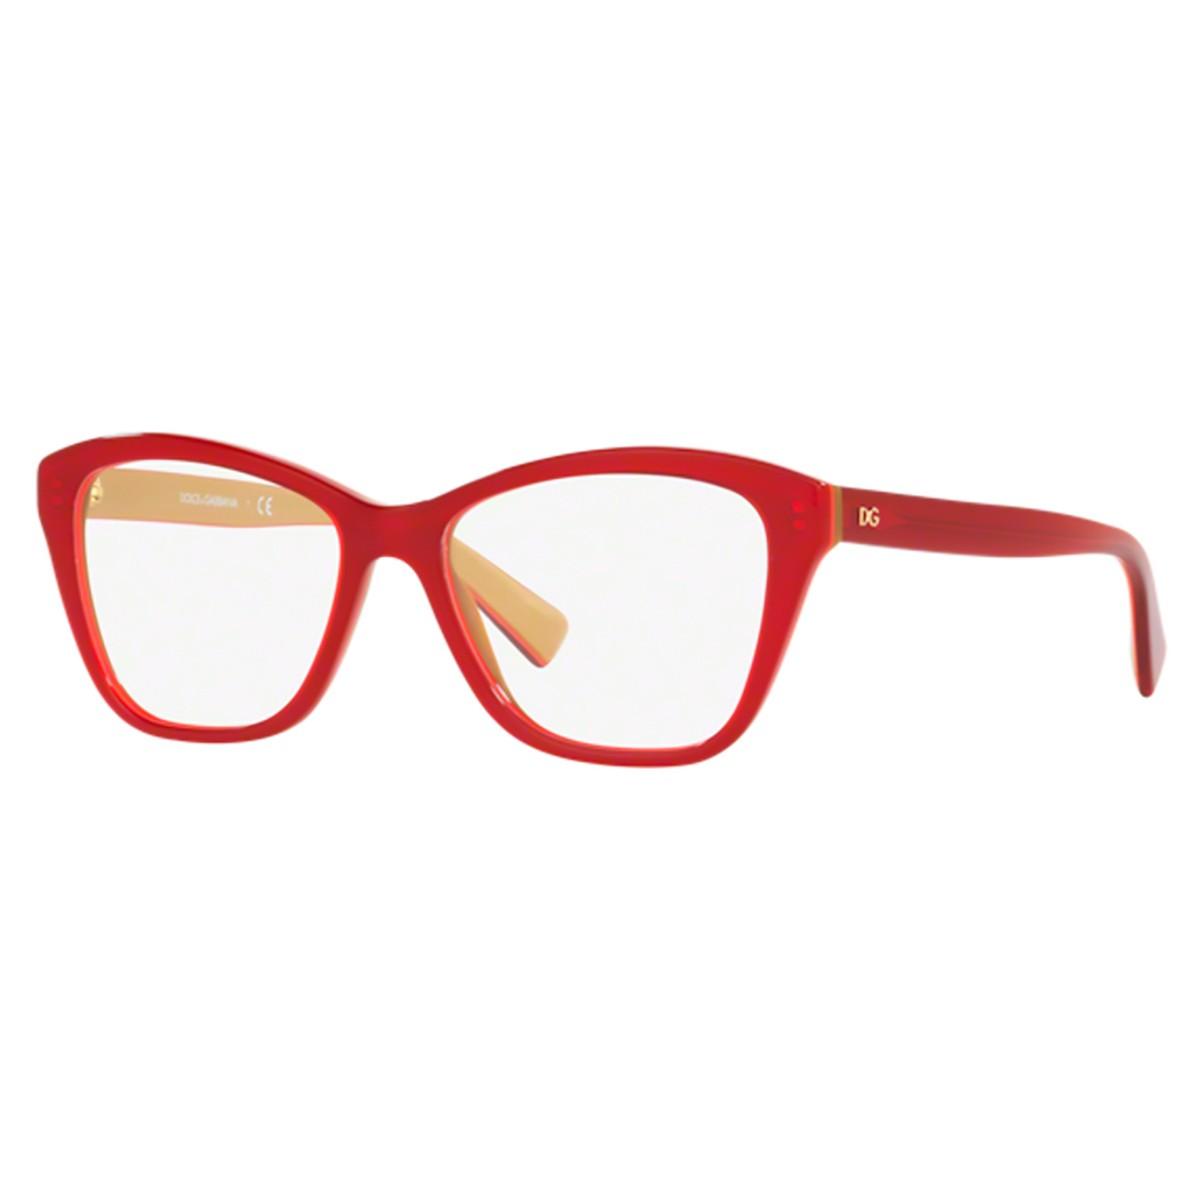 635b117beb31b Compre Óculos de Grau Dolce   Gabbana em 10X   Tri-Jóia Shop